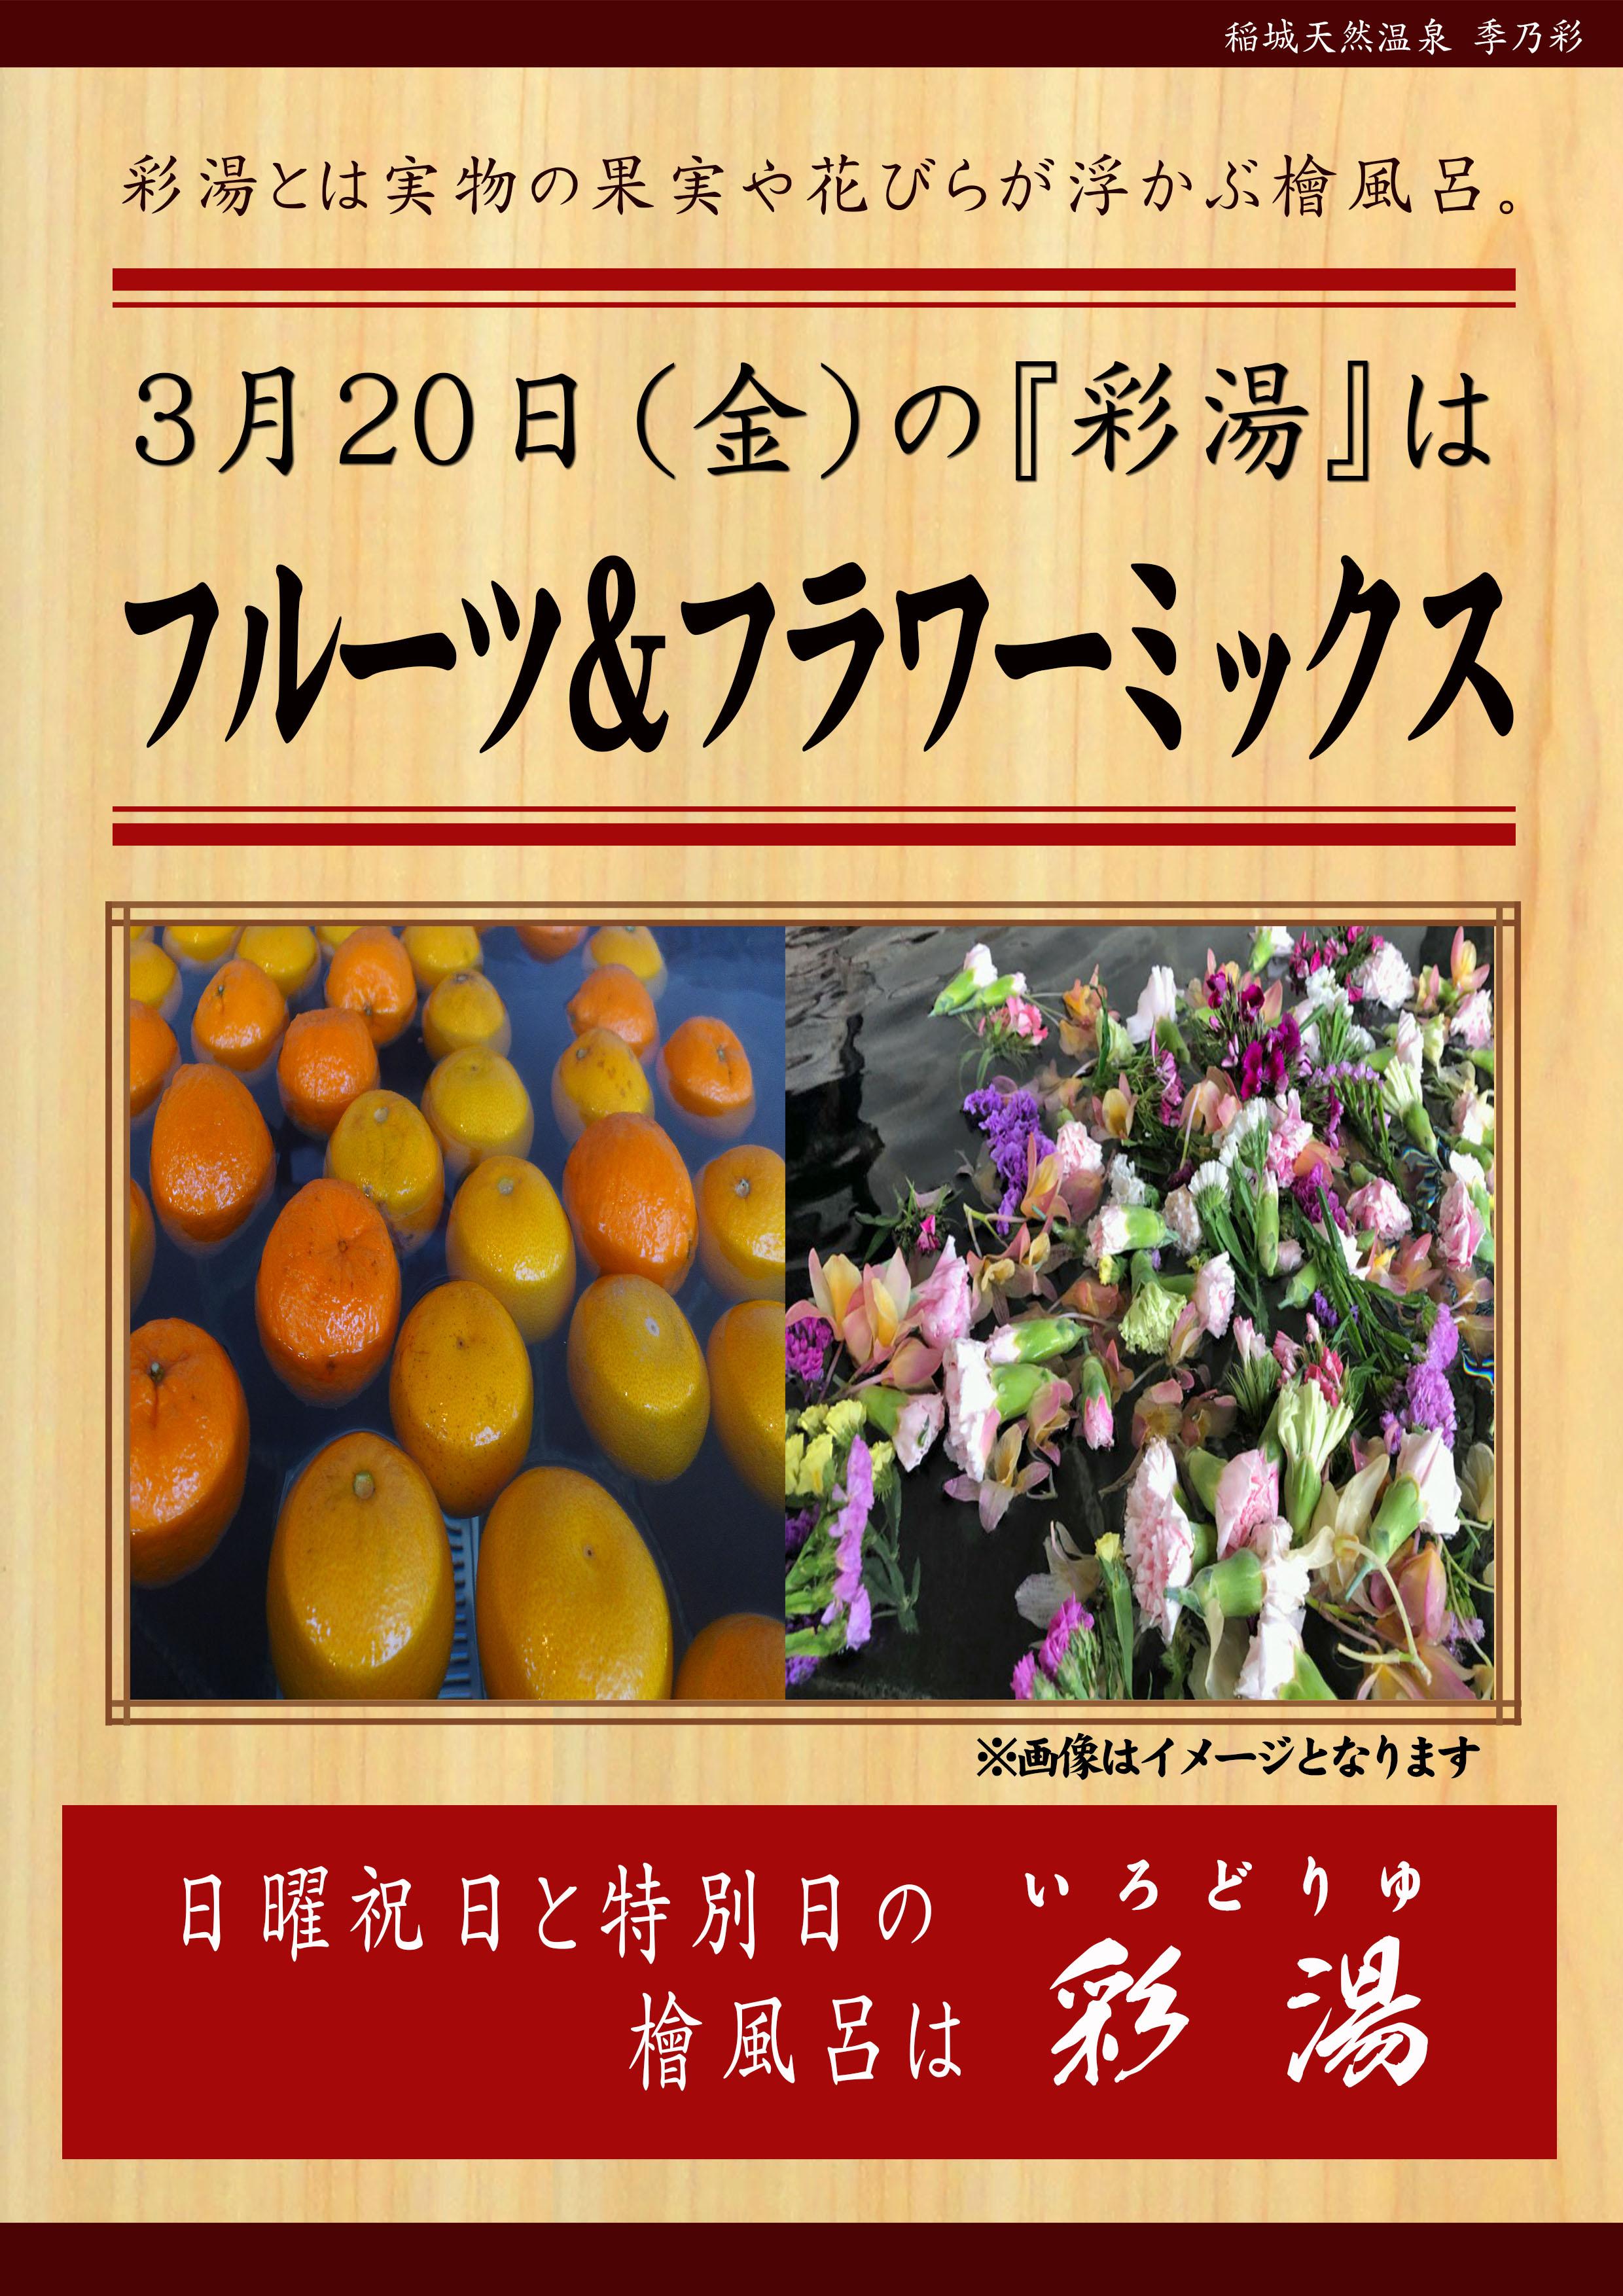 200320 POP イベント 彩湯 フルーツ&フラワーミックス